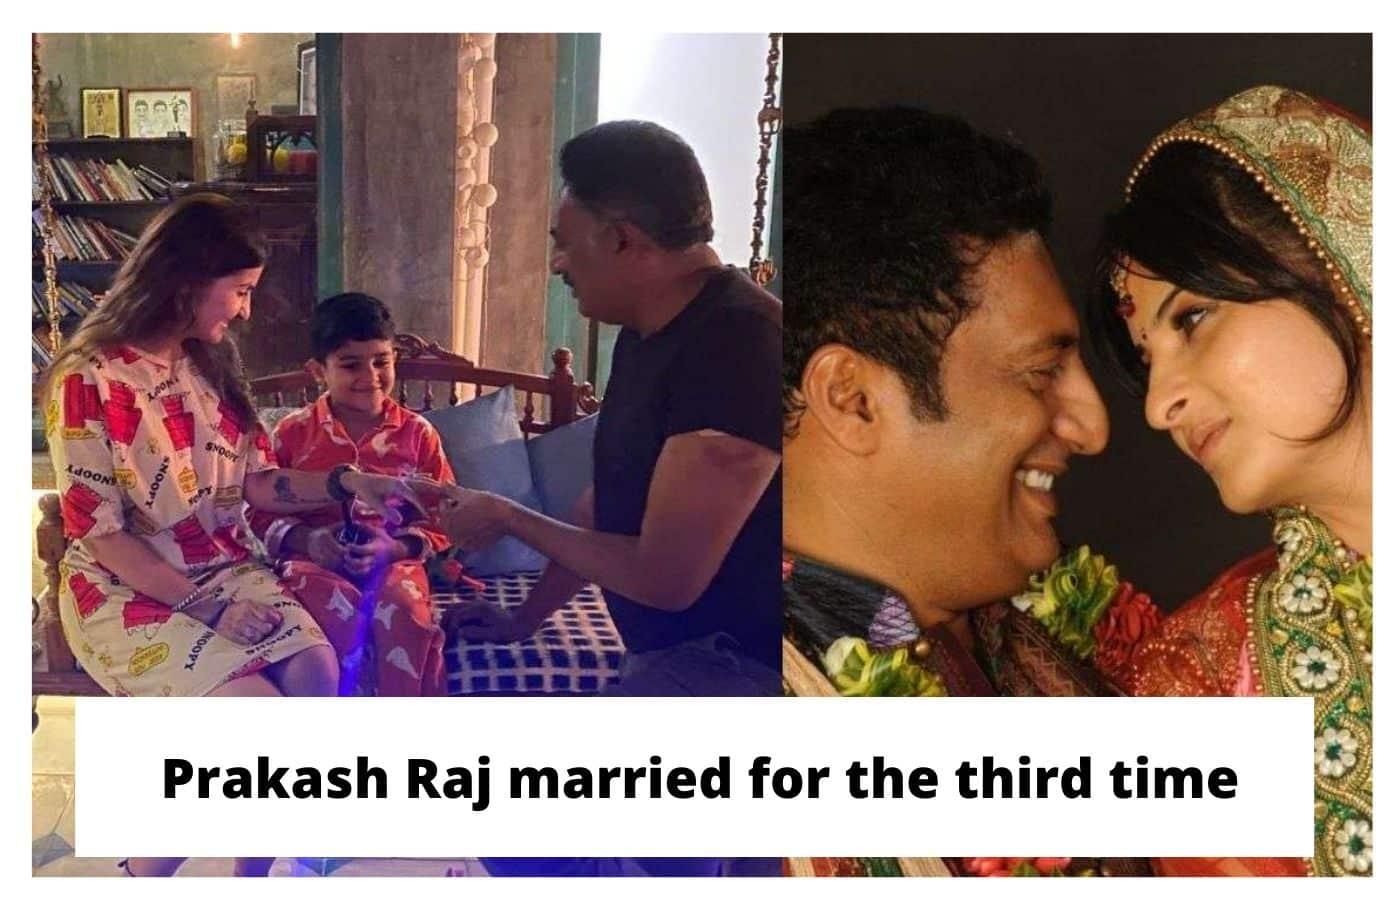 Prakash Raj married for the third time,Prakash Raj News 2021